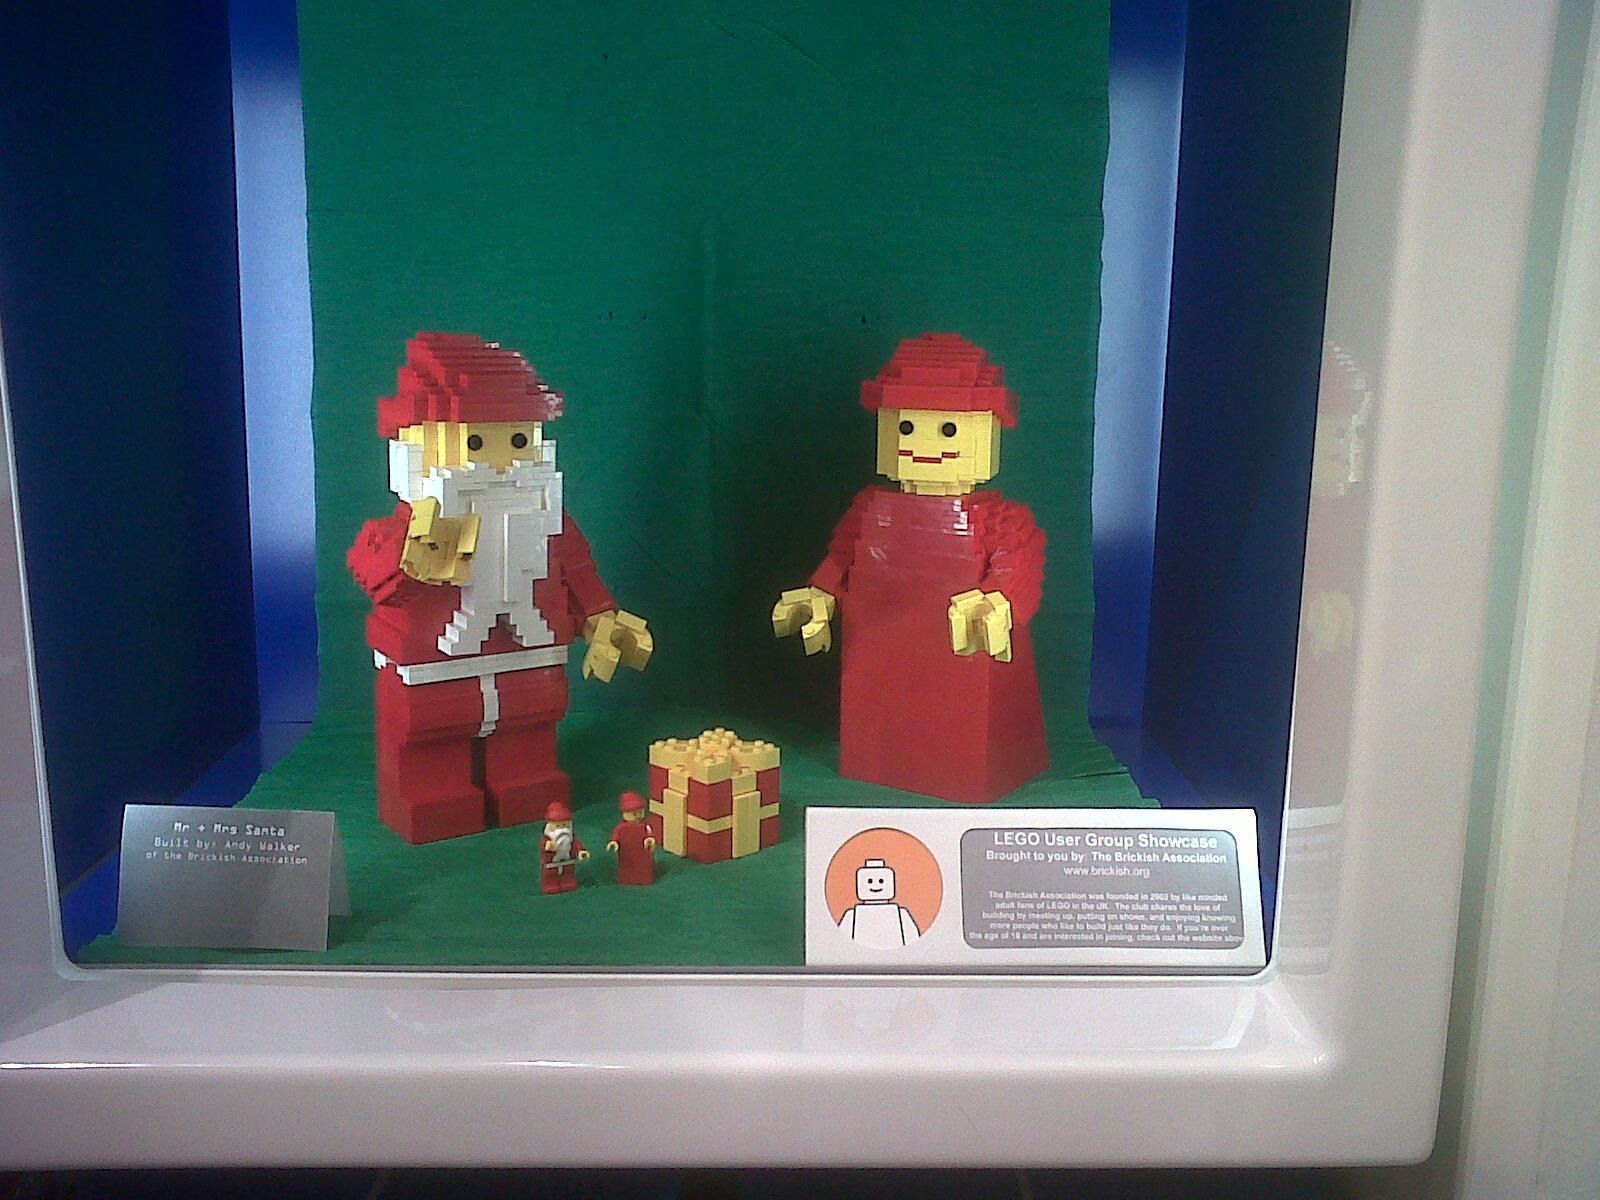 Mr & Mrs Santa